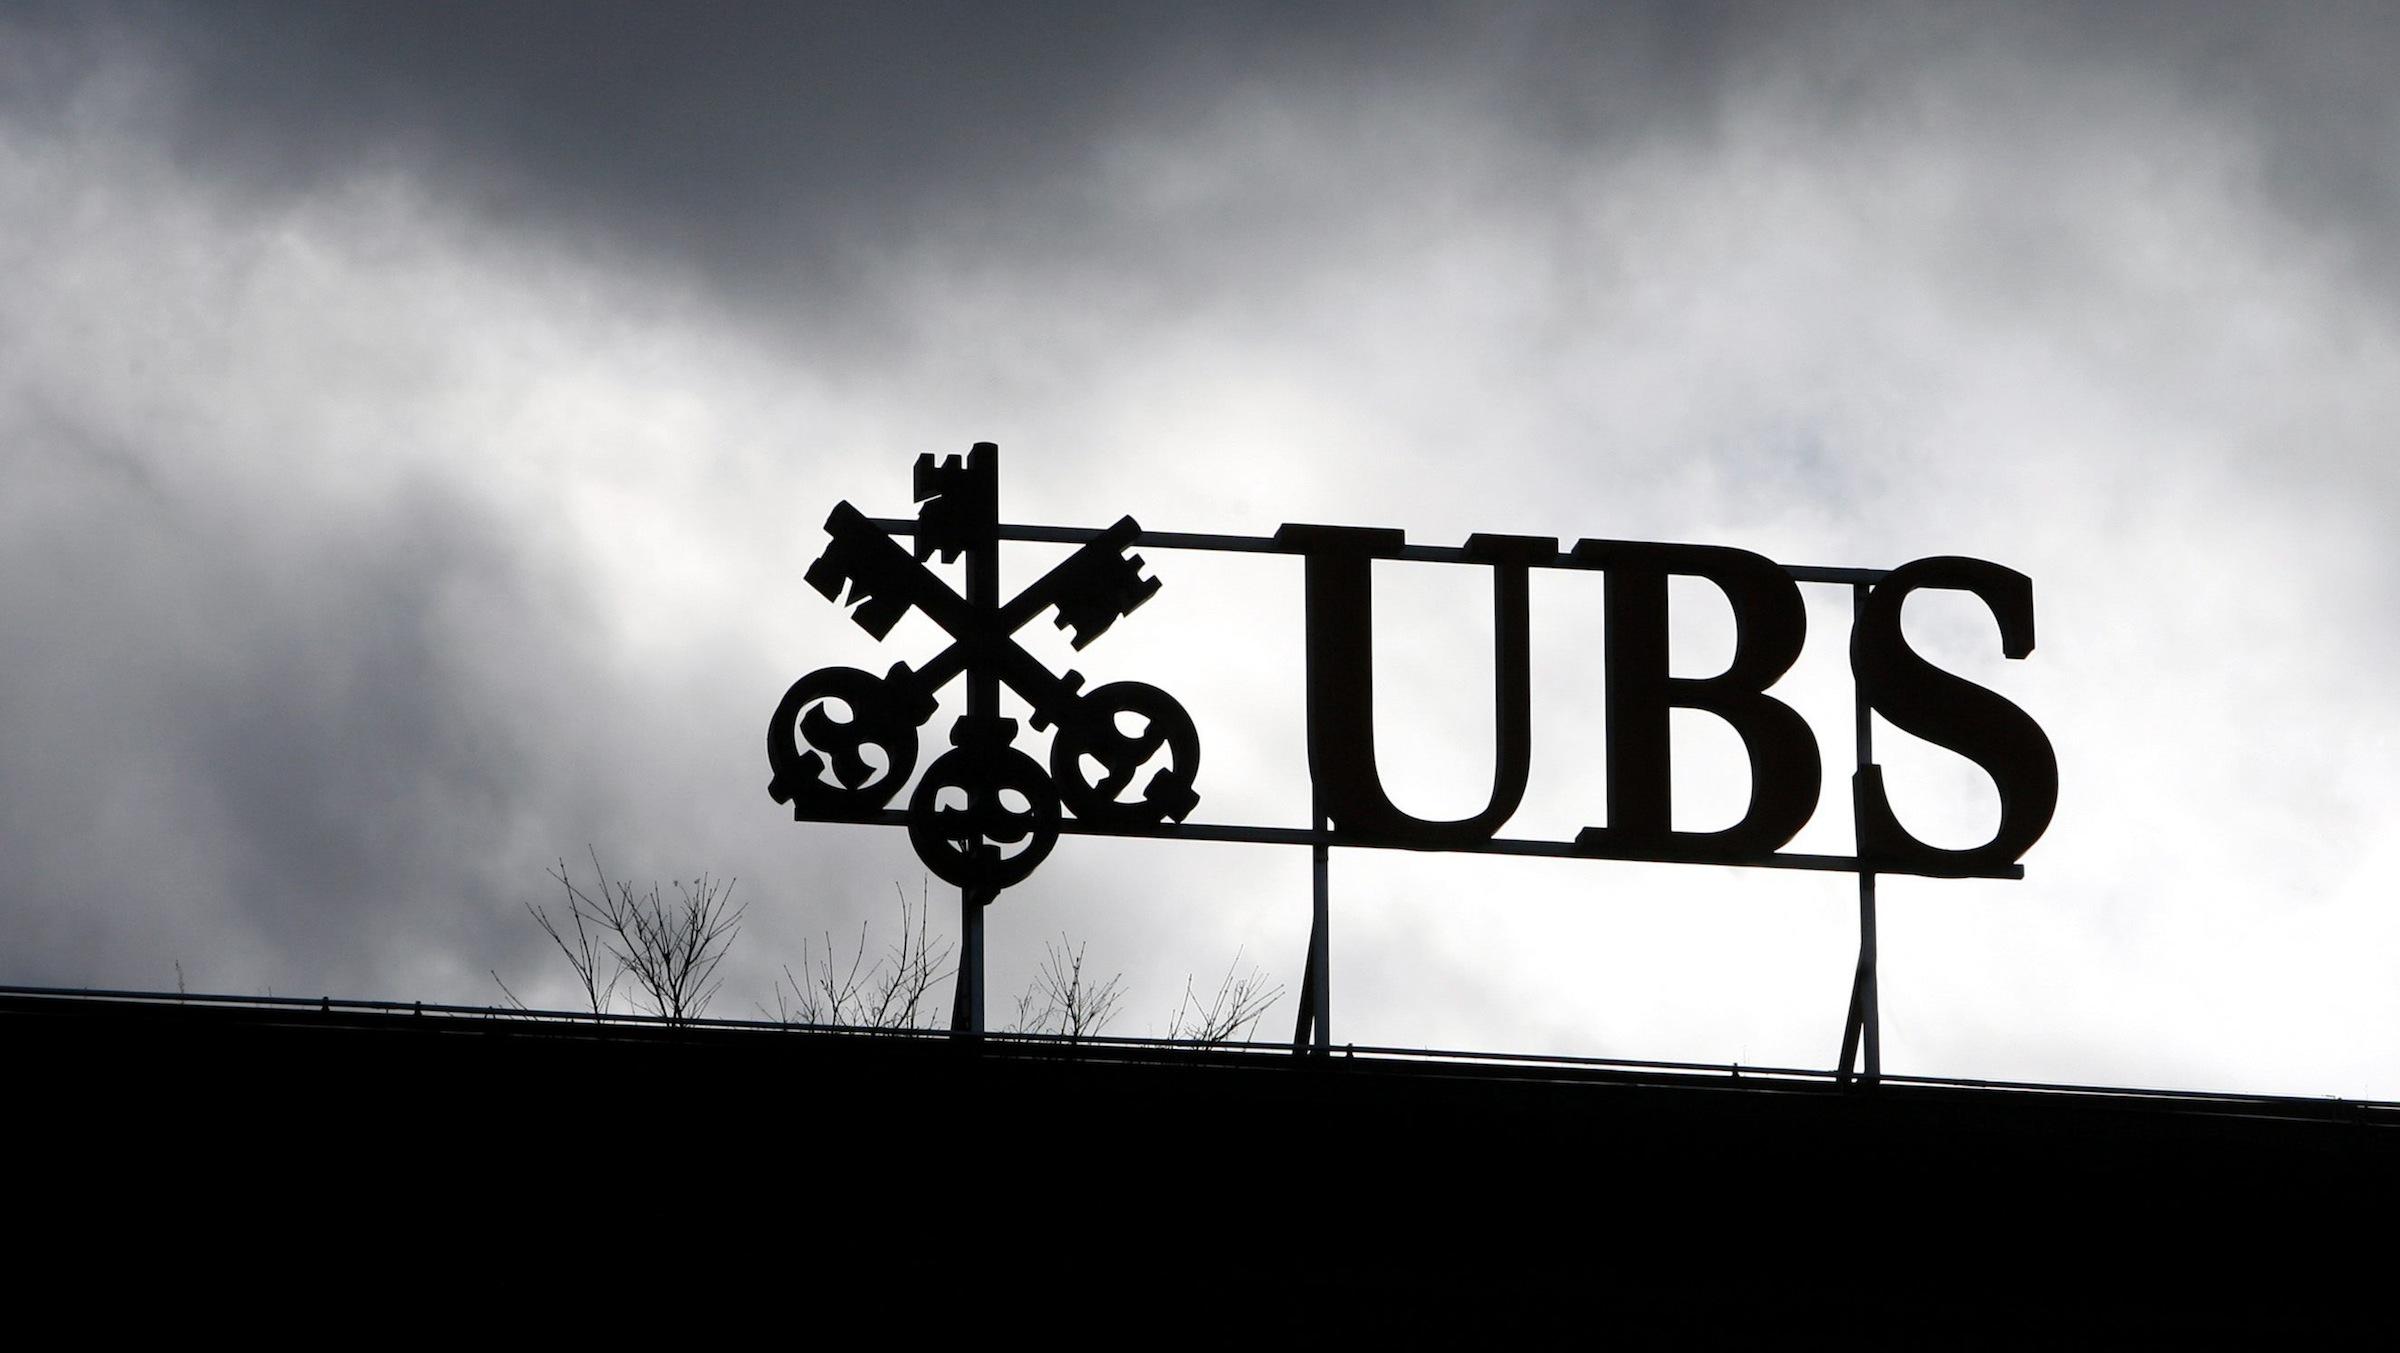 ARCHIV: Das Logo der Schweizer Bank UBS in Zuerich in der Schweiz (Foto vom 09.08.12). Die Schweizer Grossbank UBS hat fuer ihre Rolle bei den illegalen Manipulationen am Libor-Zinssatz eine Milliardenstrafe akzeptiert. Insgesamt zahlt die groesste Schweizer Bank 1,4 Milliarden Schweizer Franken (rund 1,2 Milliarden Euro) an die ermittelnden Behoerden in den USA, Grossbritannien und der Schweiz, wie die UBS am Mittwoch (19.12.12) in Zuerich mitteilte. Damit wuerden alle auf den Libor-Skandal bezogenen Untersuchungen gegen die Bank eingestellt. Wegen der Strafzahlung wird die UBS im vierten Quartal einen Reinverlust von 2,0 bis 2,5 Milliarden Franken schreiben. (zu daupd-Text) Foto: Alessandro Della Bella/Keystone/dapd